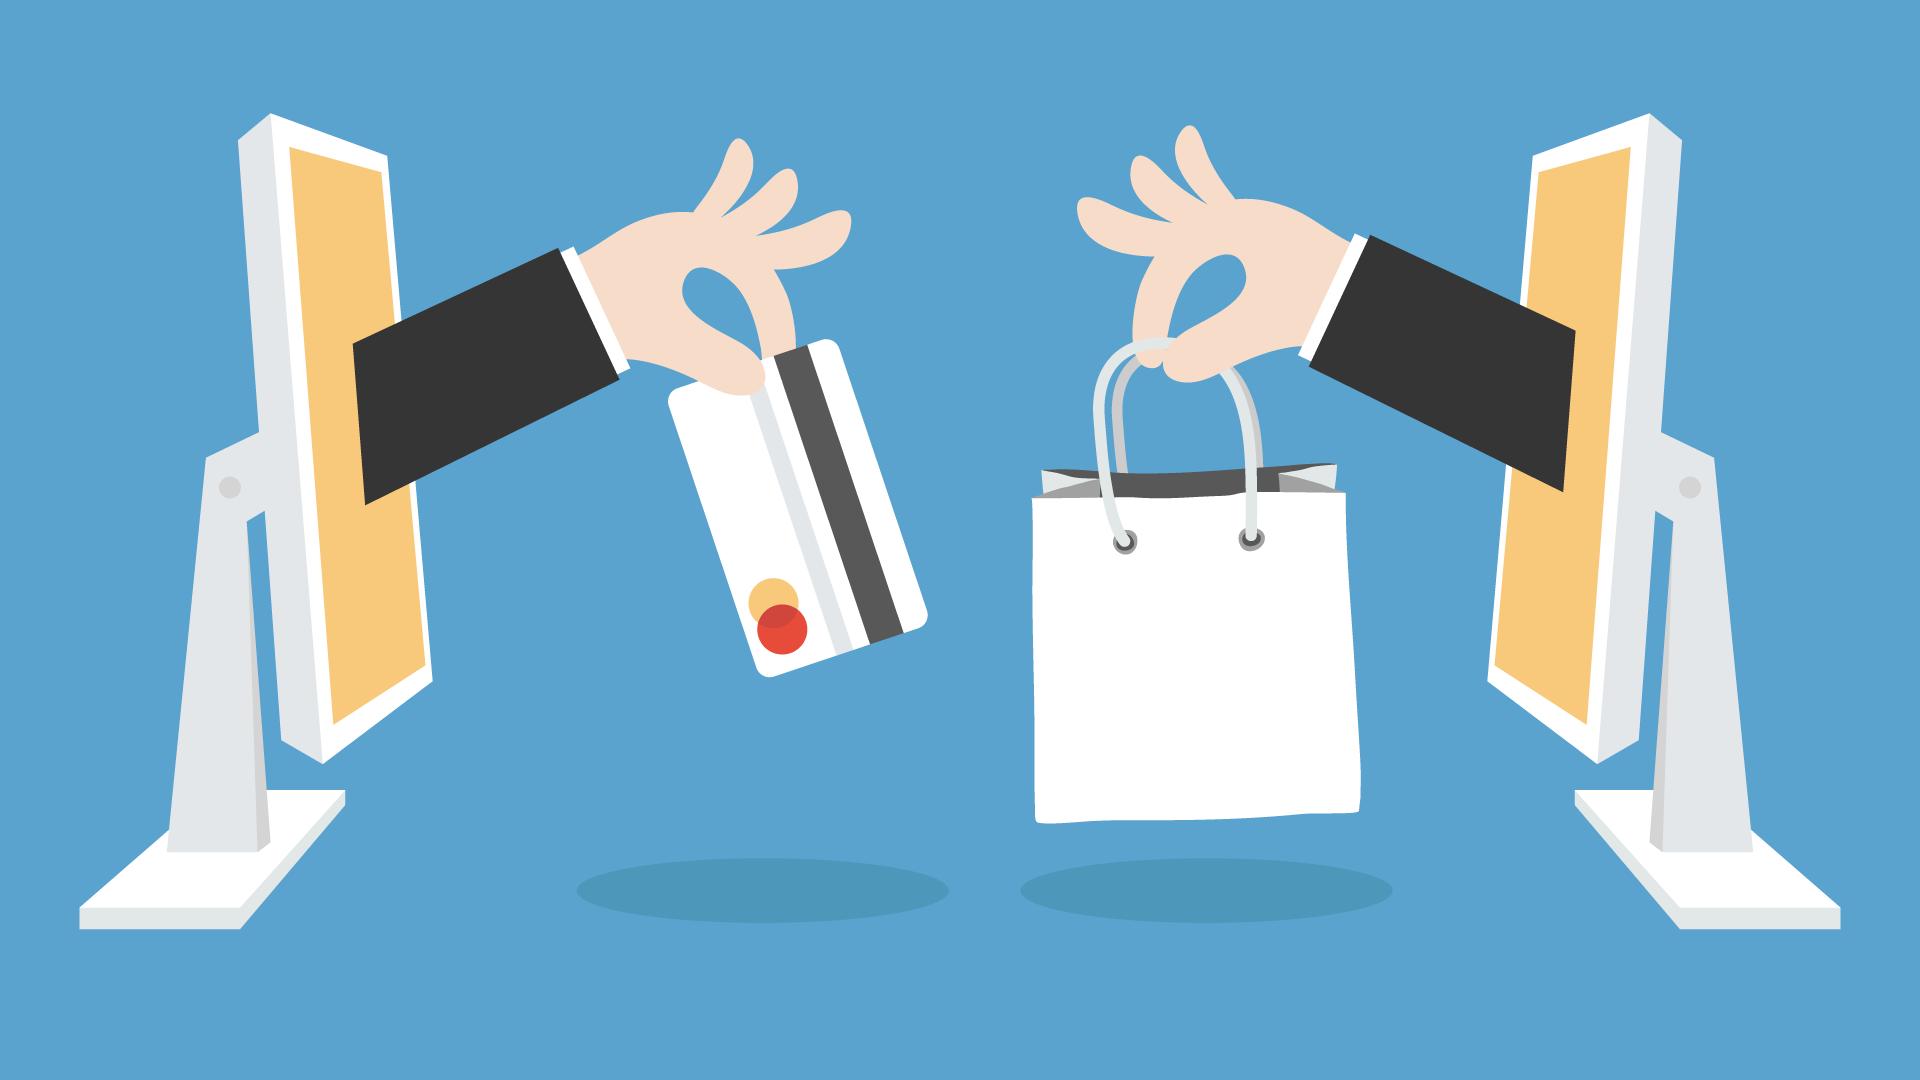 فروشگاه آنلاین چیست؟